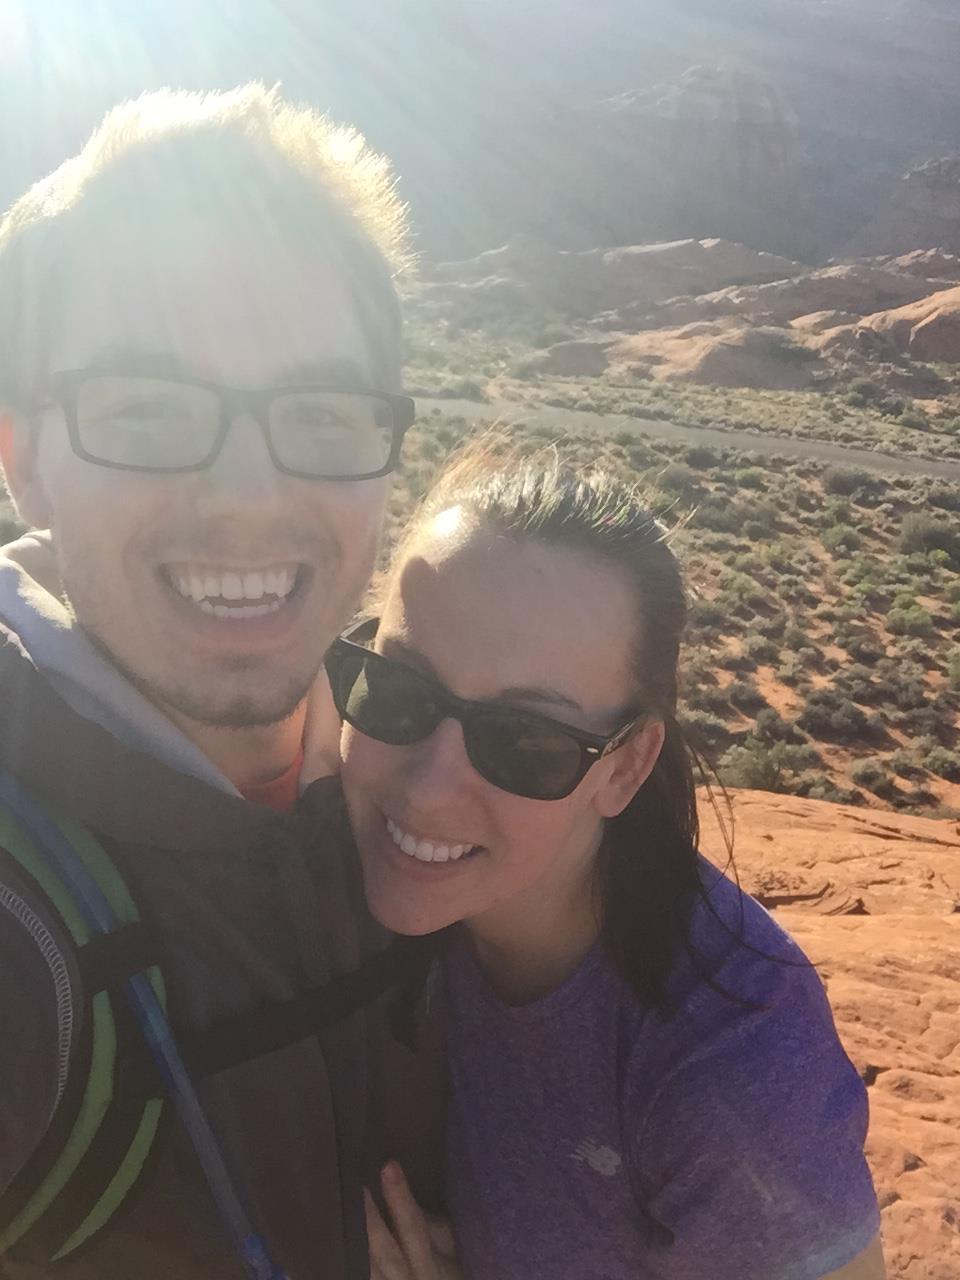 My husband Sam and I, hiking in Utah.